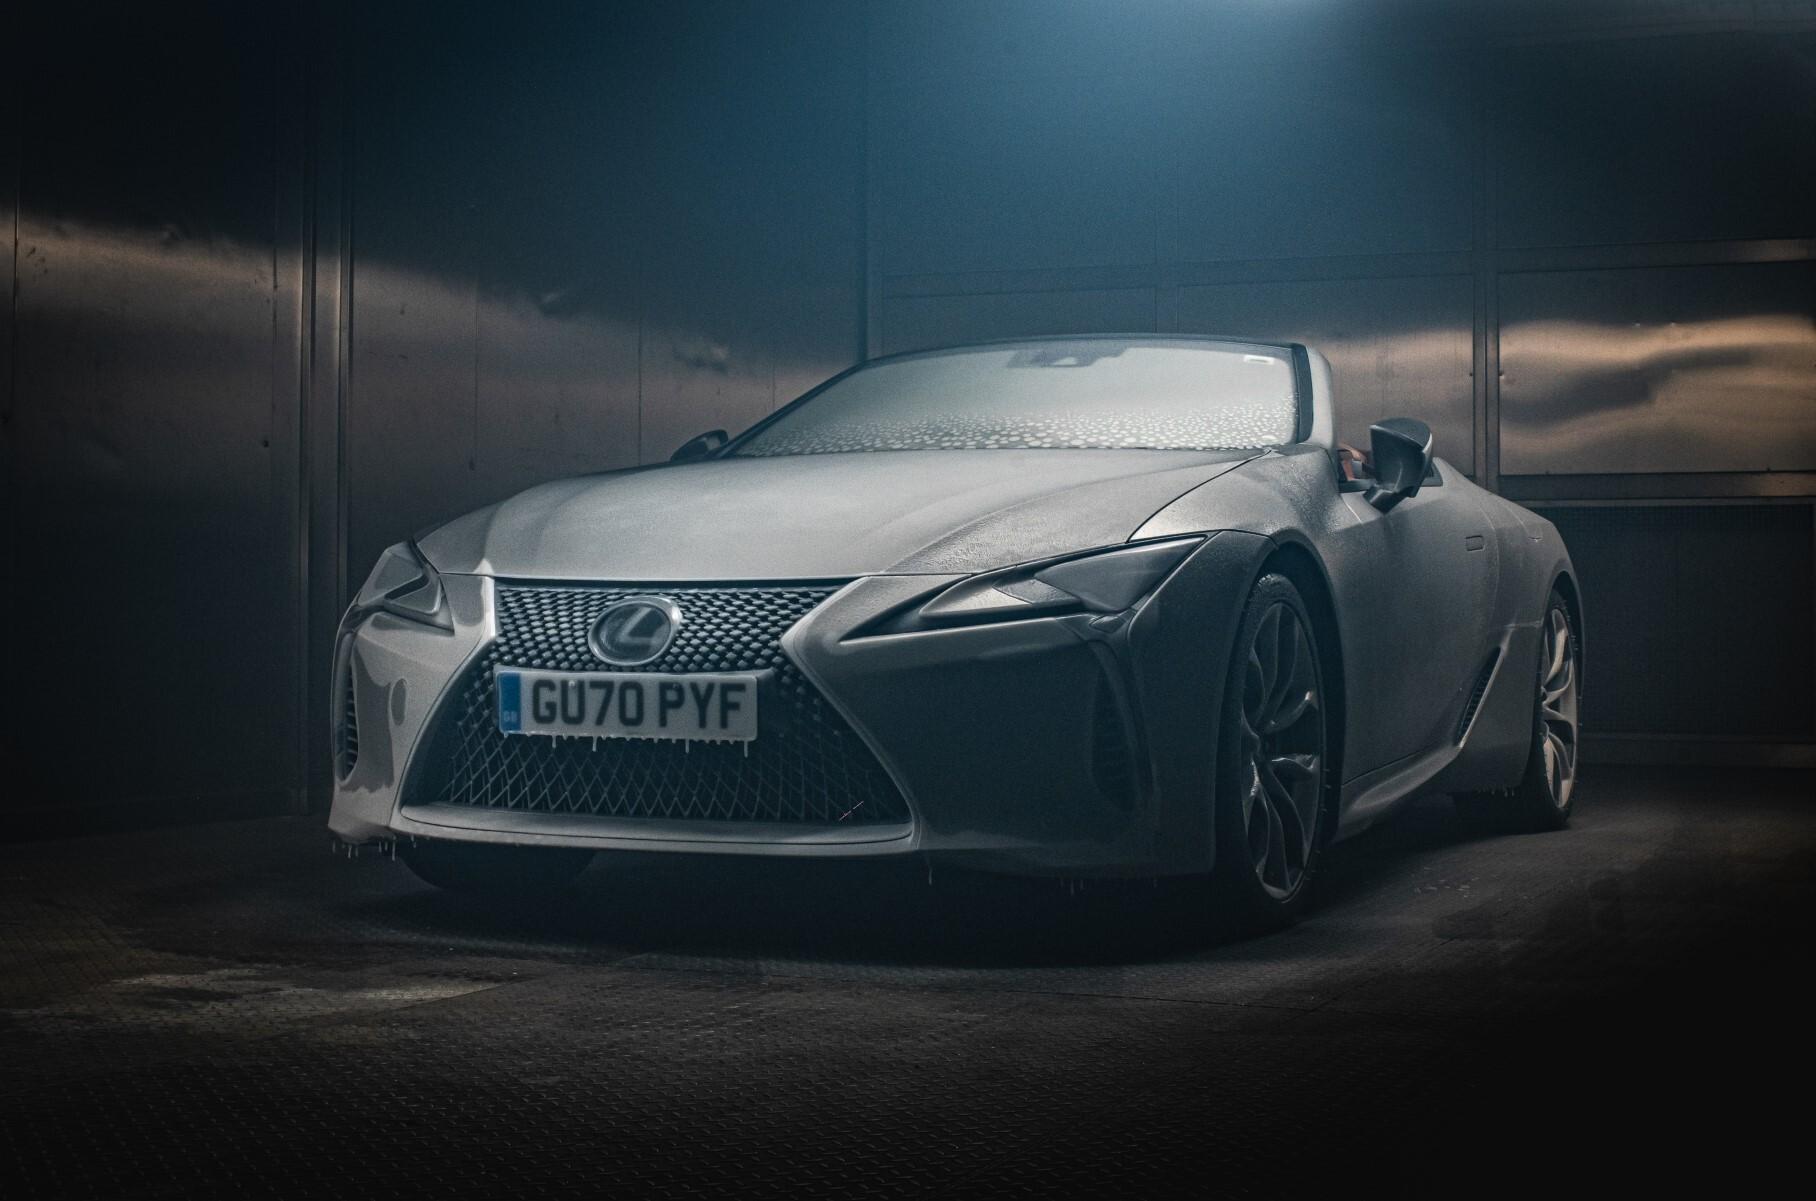 Видео: что будет, если поместить кабриолет Lexus в морозильную камеру на 12 часов